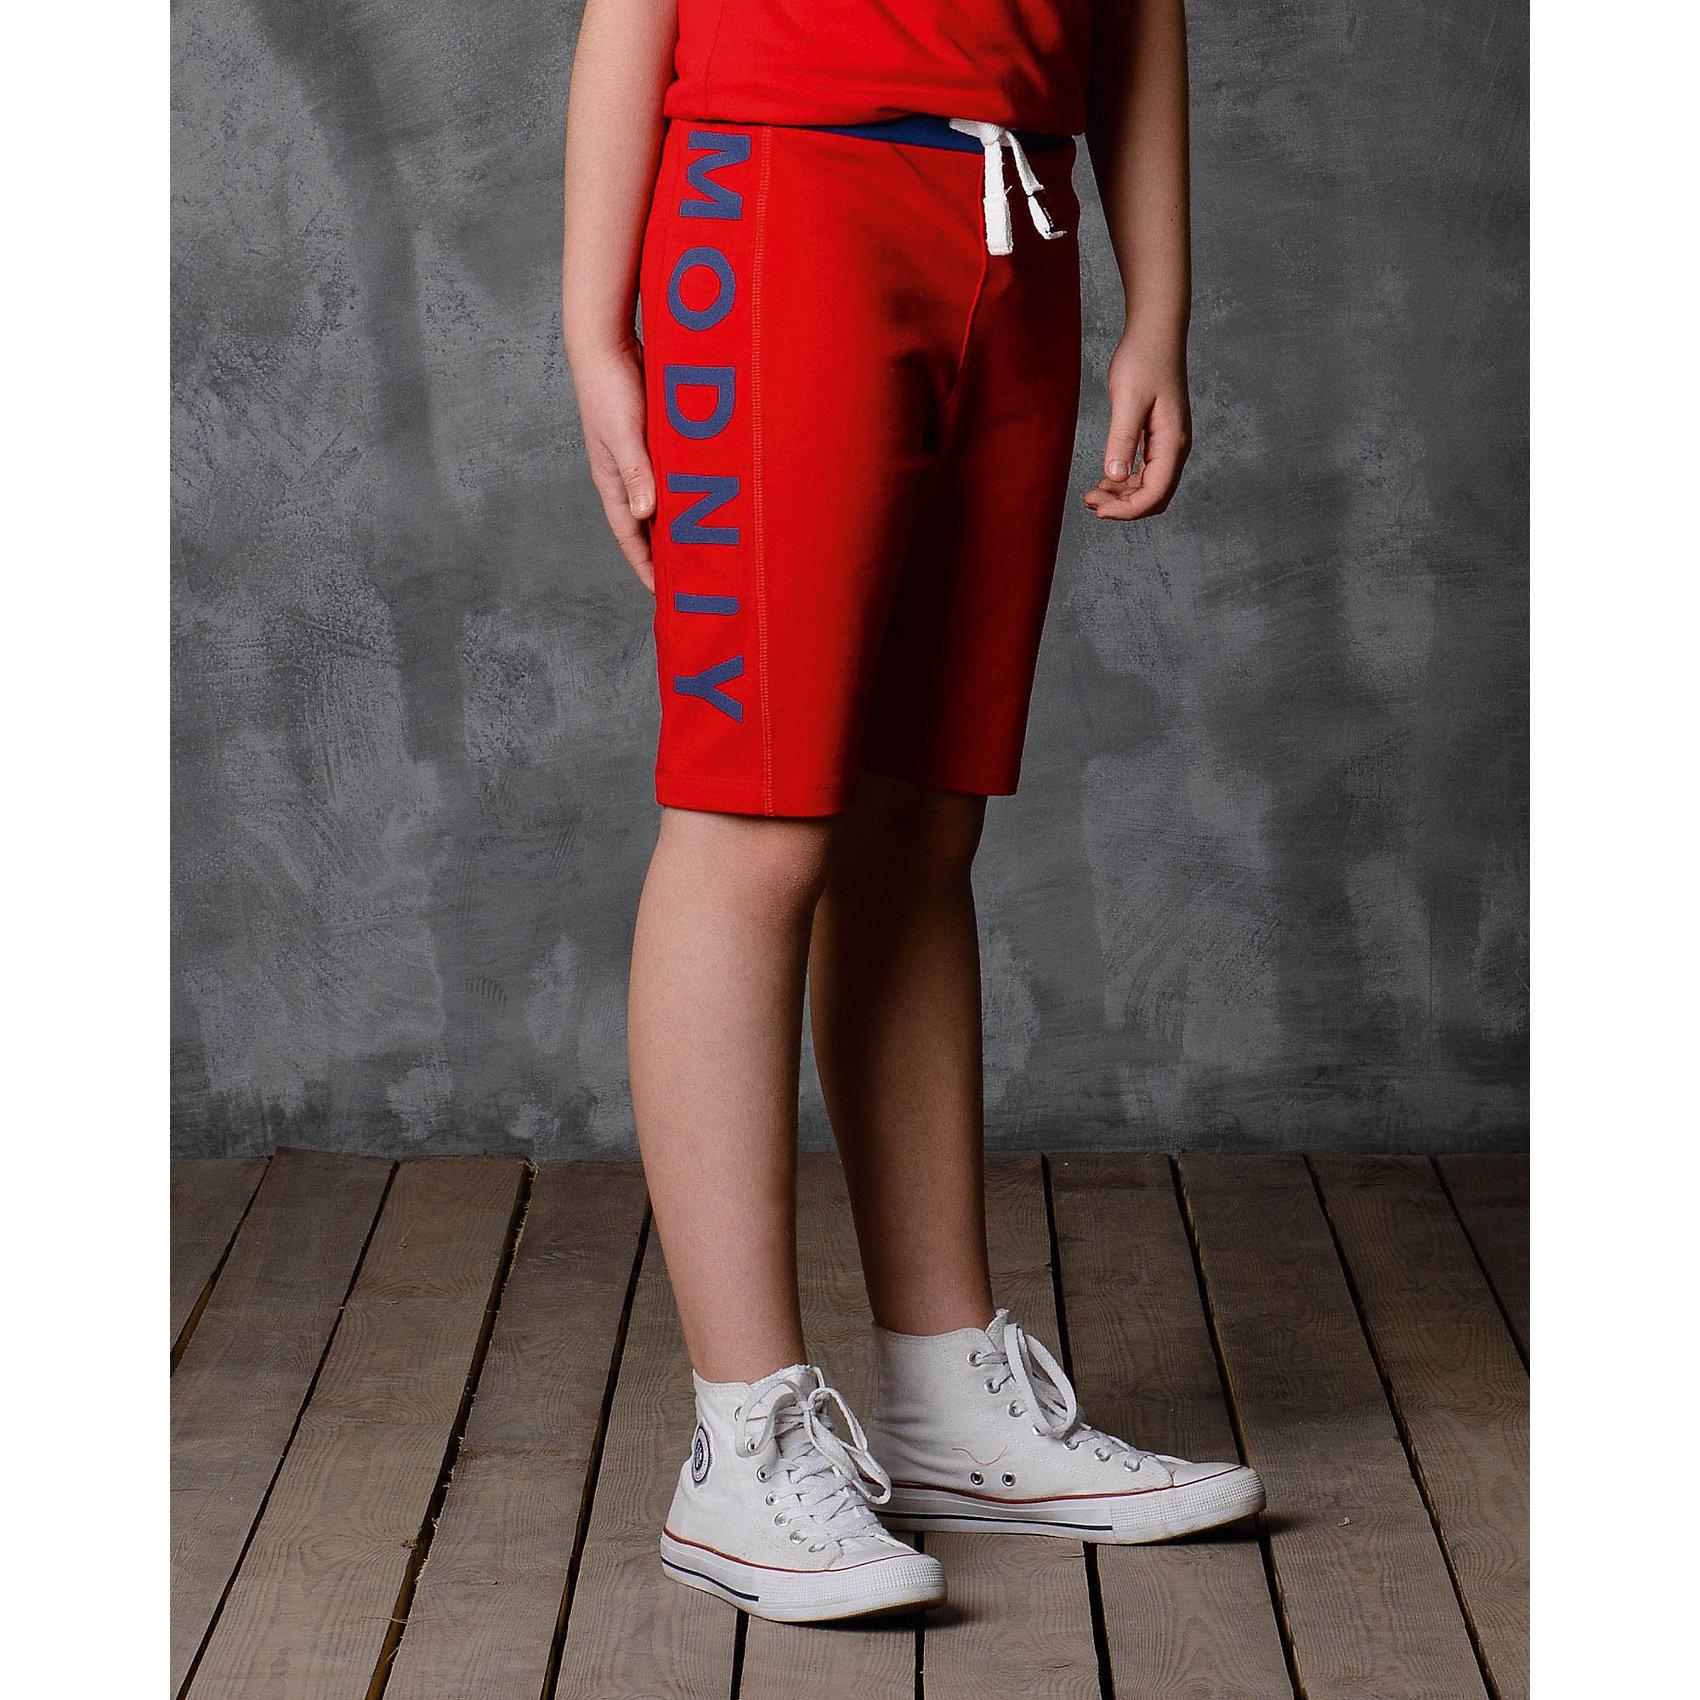 Шорты для мальчика Modniy JukШорты, бриджи, капри<br>Характеристики товара:<br><br>• цвет: красный<br>• состав: 50% хлопок, 50% полиэстер<br>• спортивный силуэт<br>• дышащий материал<br>• пояс - мягкая резинка<br>• логотип<br>• шнурок в поясе<br><br>• страна бренда: Российская Федерация<br>• страна производства: Российская Федерация<br><br>Модели одежды из новой коллекции от бренда Модный жук - это стильные и удобные вещи, созданные специально для детей. Они отличаются продуманным дизайном, качественными материалами и комфортной посадкой. Дети носят их с удовольствием! Стильные шорты спортивного силуэта - хит сезона, отличный вариант базовой вещи для теплой погоды. Они отлично сочетаются с майками, футболками, куртками. Хорошо сидят по фигуре.<br>Одежда и аксессуары от российского бренда Модный жук - это способ пополнить гардероб ребенка модными изделиями по доступной цене. Для их производства используются только безопасные, проверенные материалы и фурнитура. Новая коллекция поддерживает хорошие традиции бренда! <br><br>Шорты для мальчика от популярного бренда Модный жук можно купить в нашем интернет-магазине.<br><br>Ширина мм: 191<br>Глубина мм: 10<br>Высота мм: 175<br>Вес г: 273<br>Цвет: красный<br>Возраст от месяцев: 120<br>Возраст до месяцев: 132<br>Пол: Мужской<br>Возраст: Детский<br>Размер: 146,98,140,134,104<br>SKU: 5614050